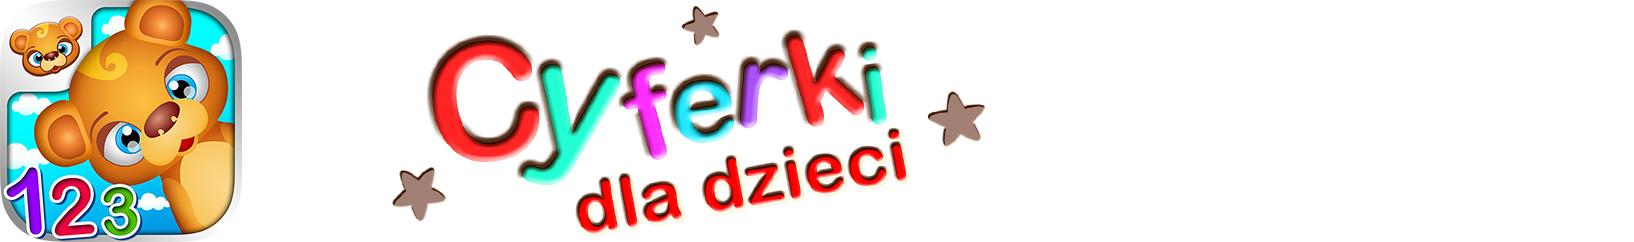 belka_cyferki